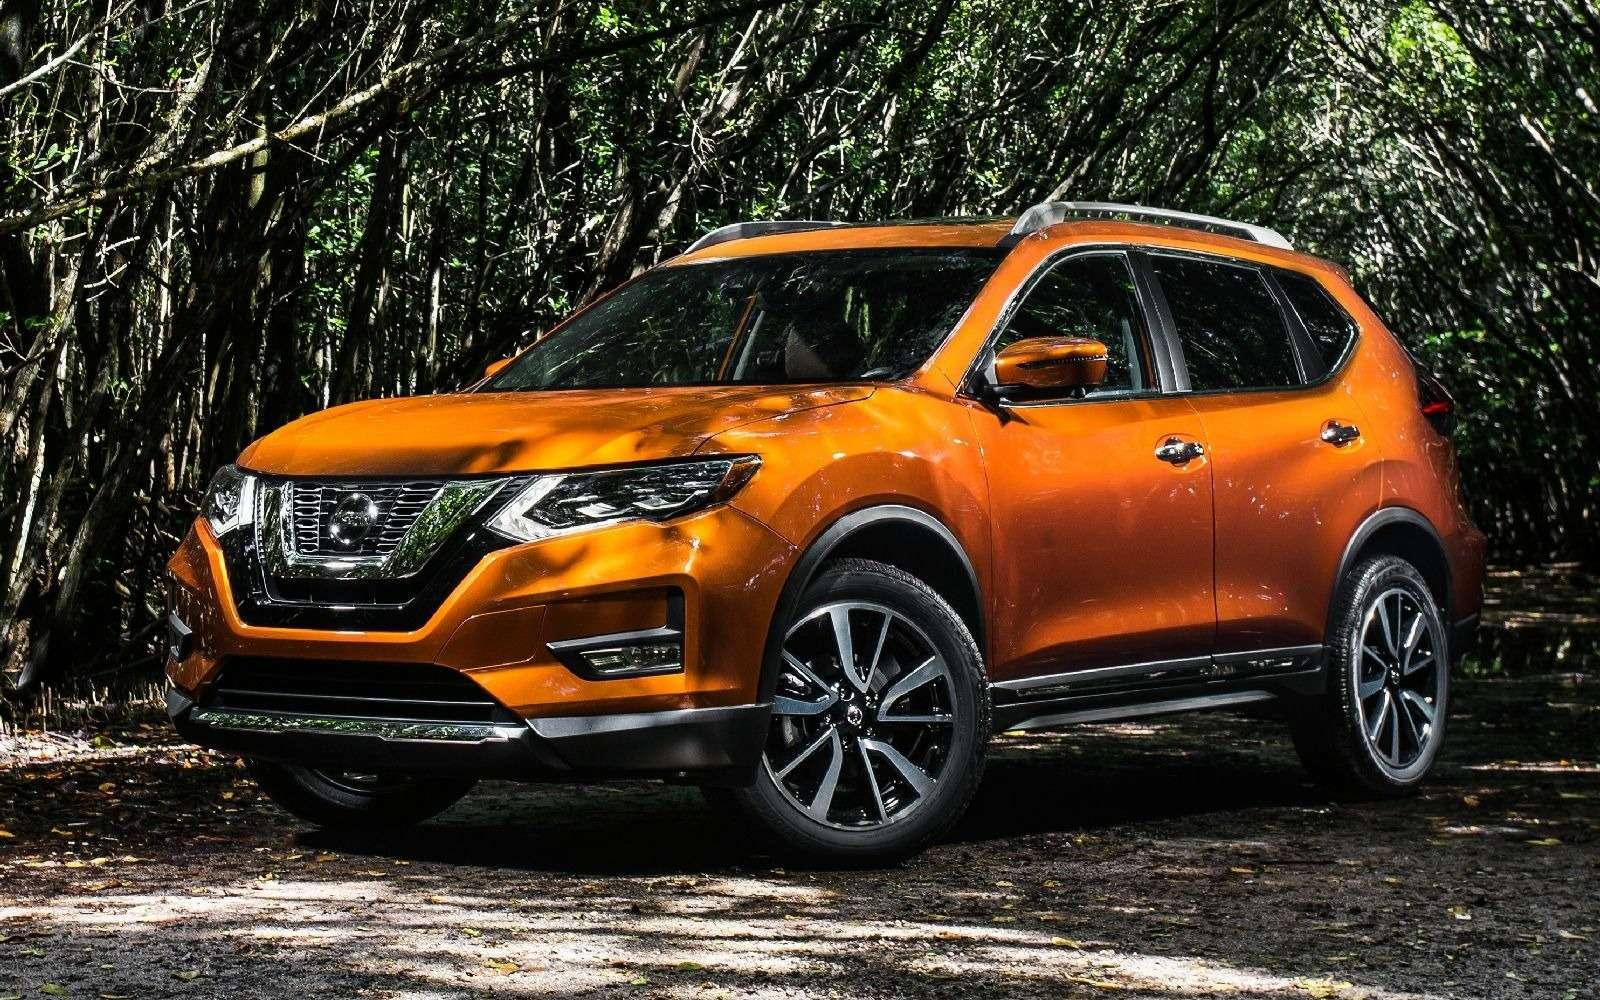 Говорим Rogue, подразумеваем X-Trail: популярный кроссовер Nissan обновился— фото 633619